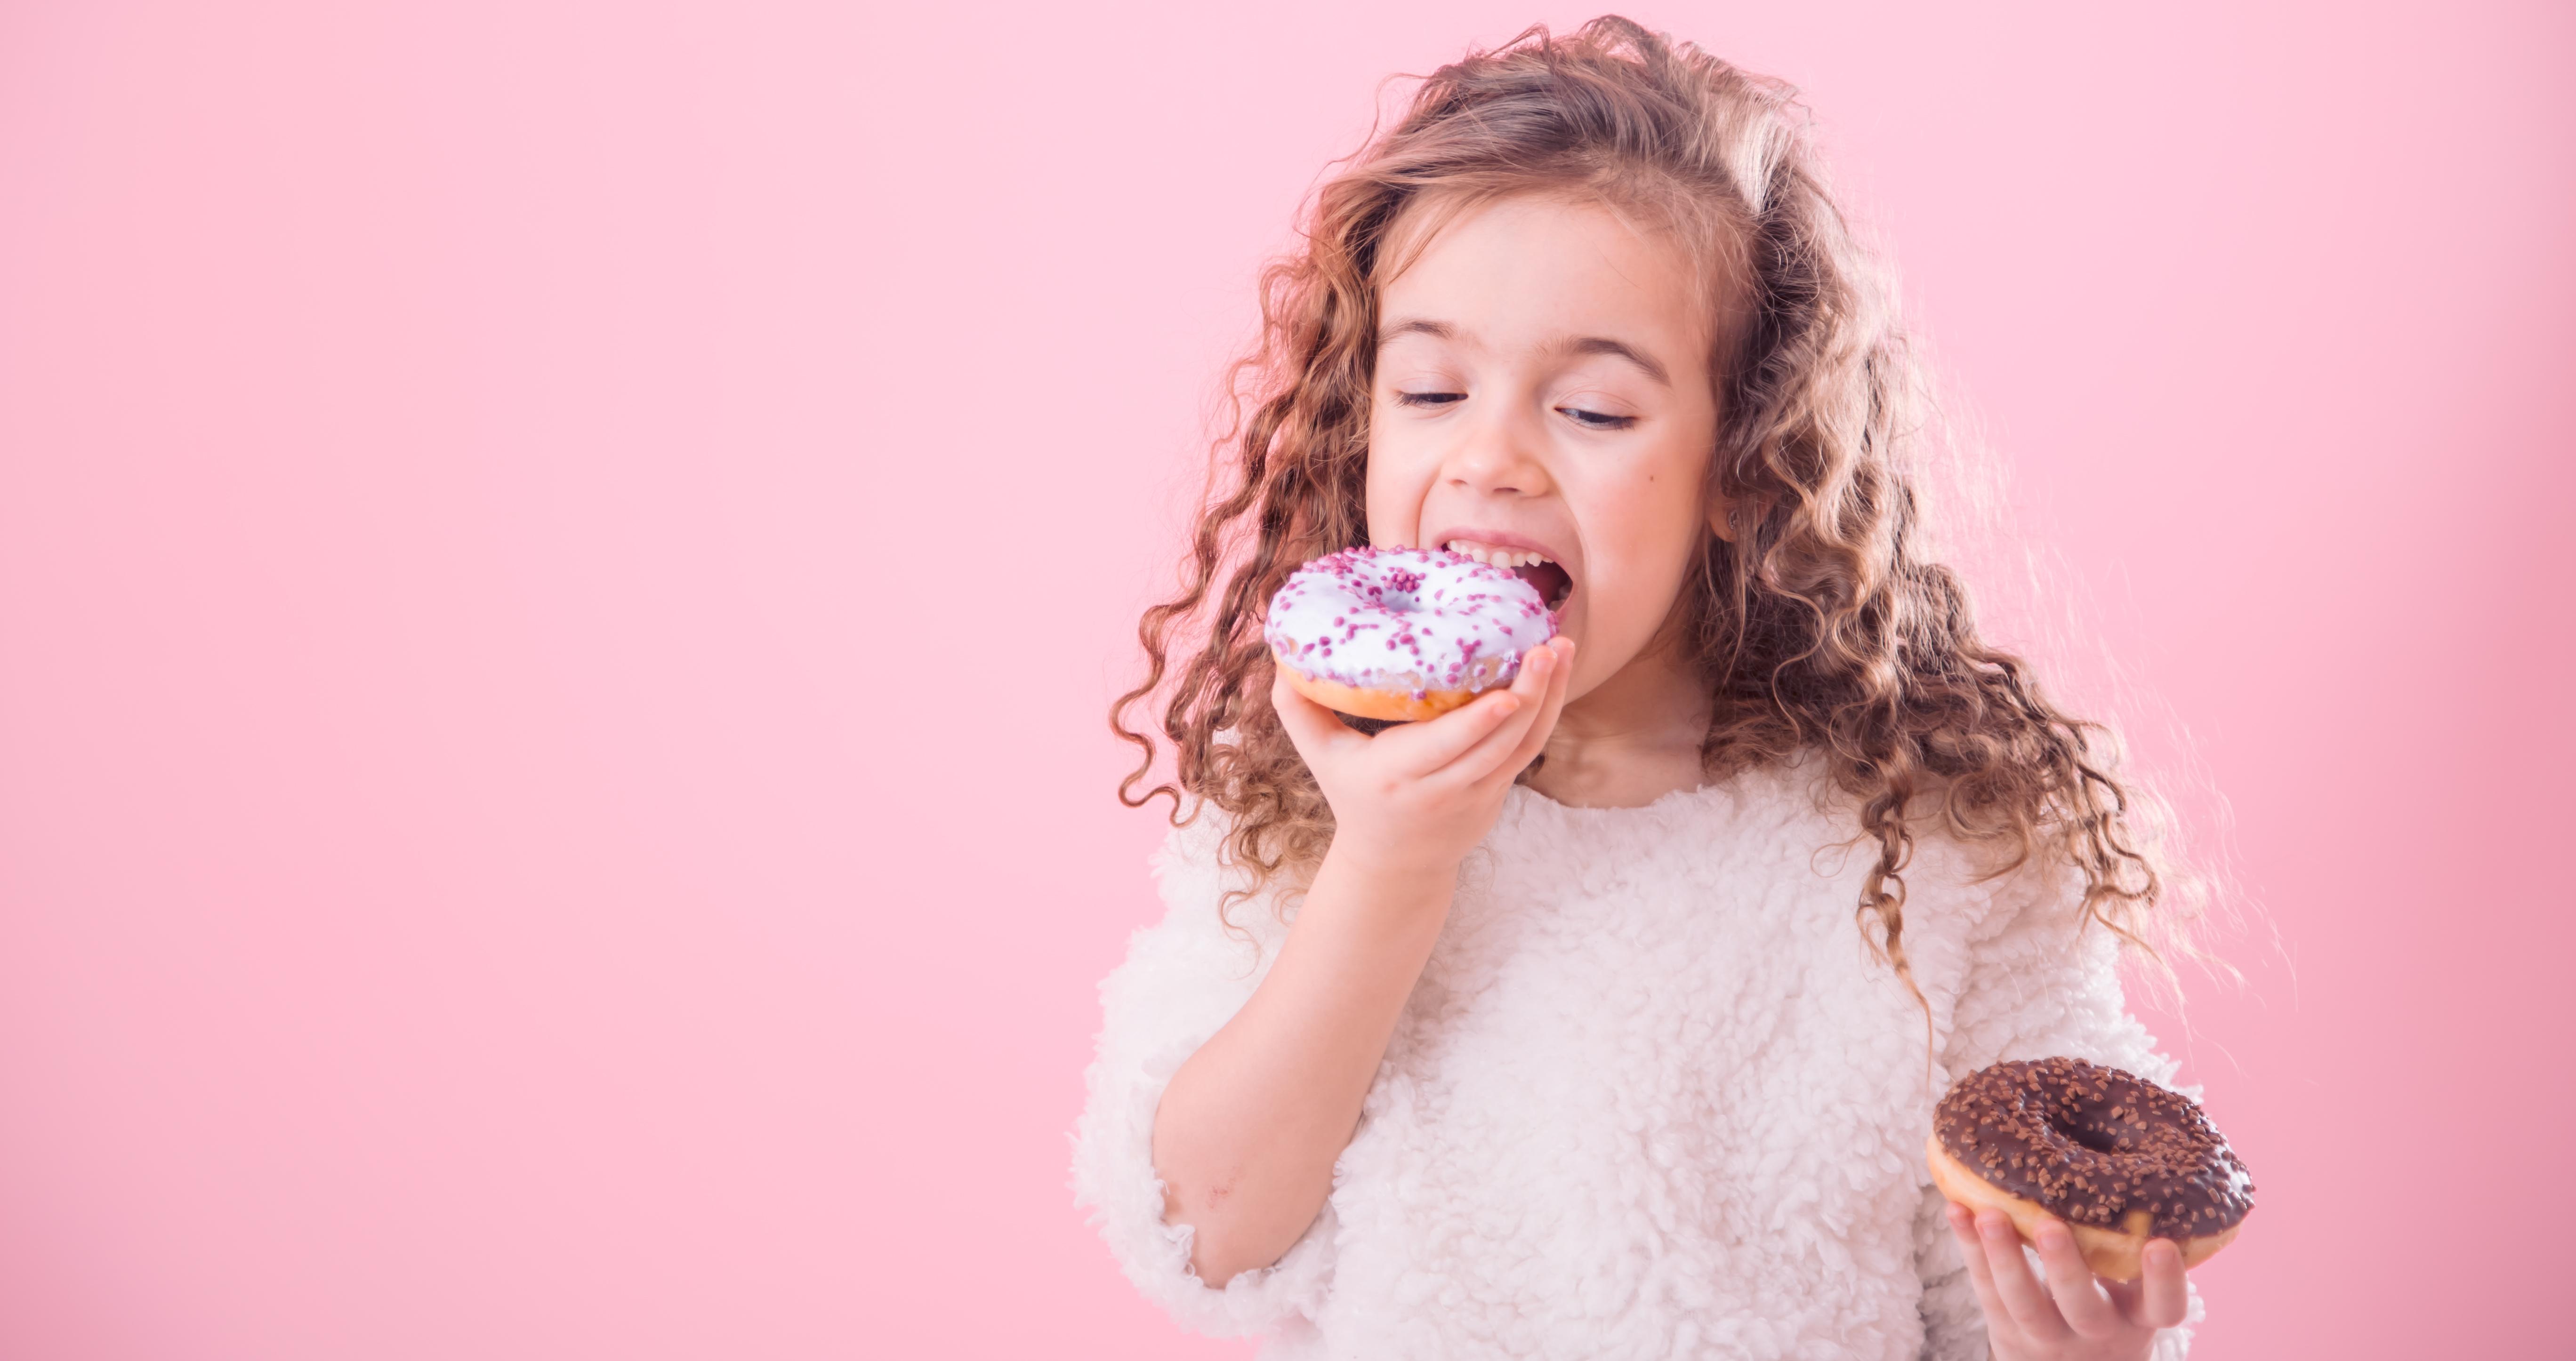 大多数不爱吃蔬菜的孩子都喜欢吃甜食。-图取自freepik-